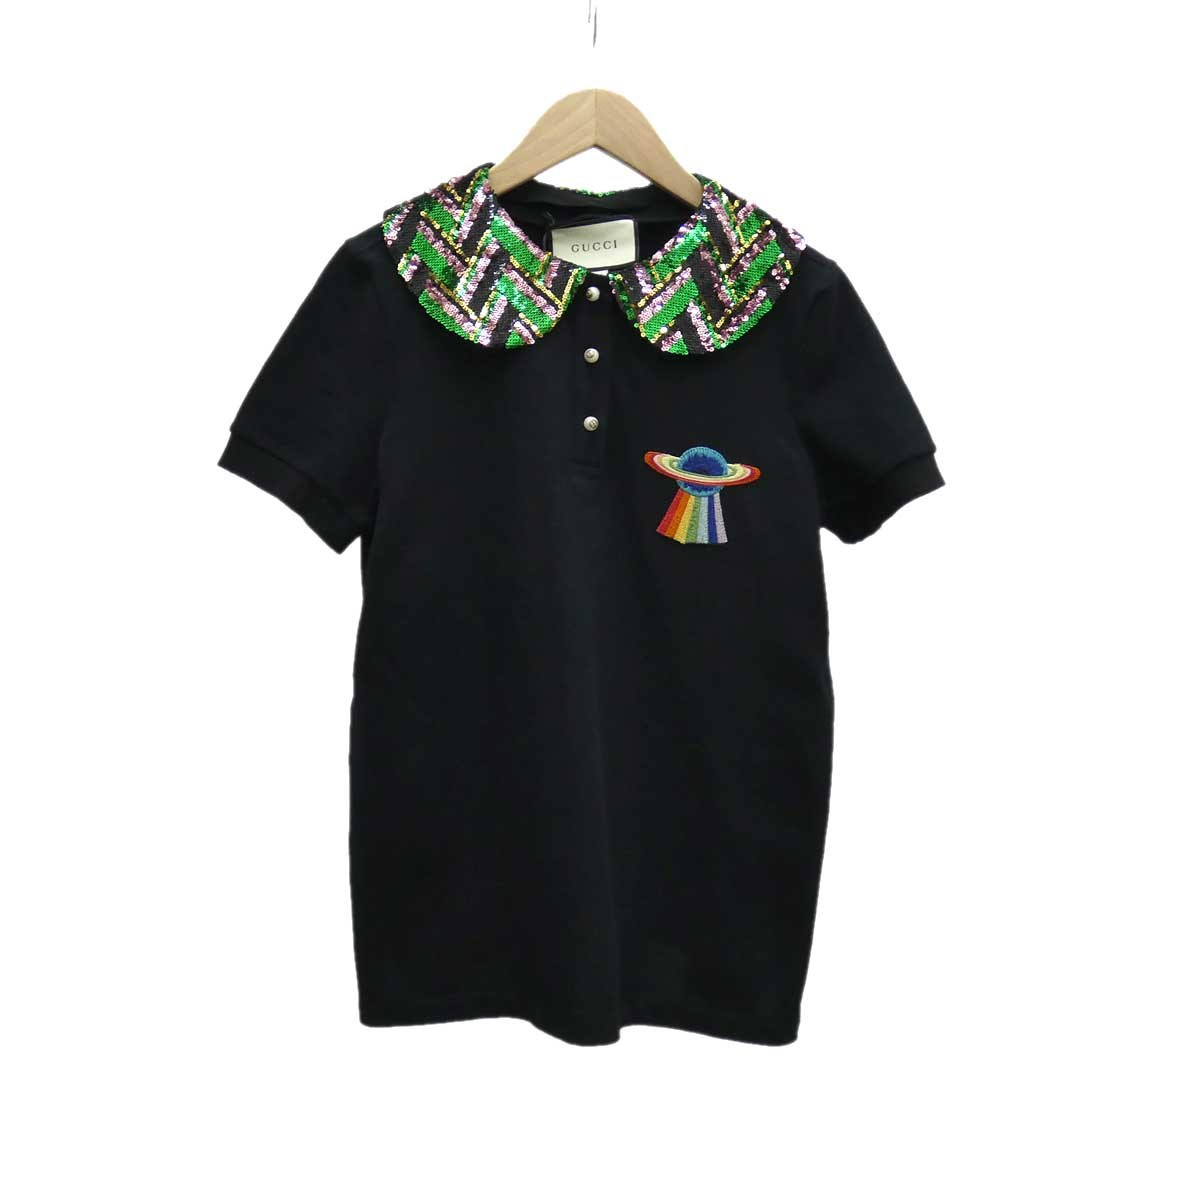 【中古】GUCCI スパンコールデザインポロシャツ ブラック サイズ:S 【170420】(グッチ)